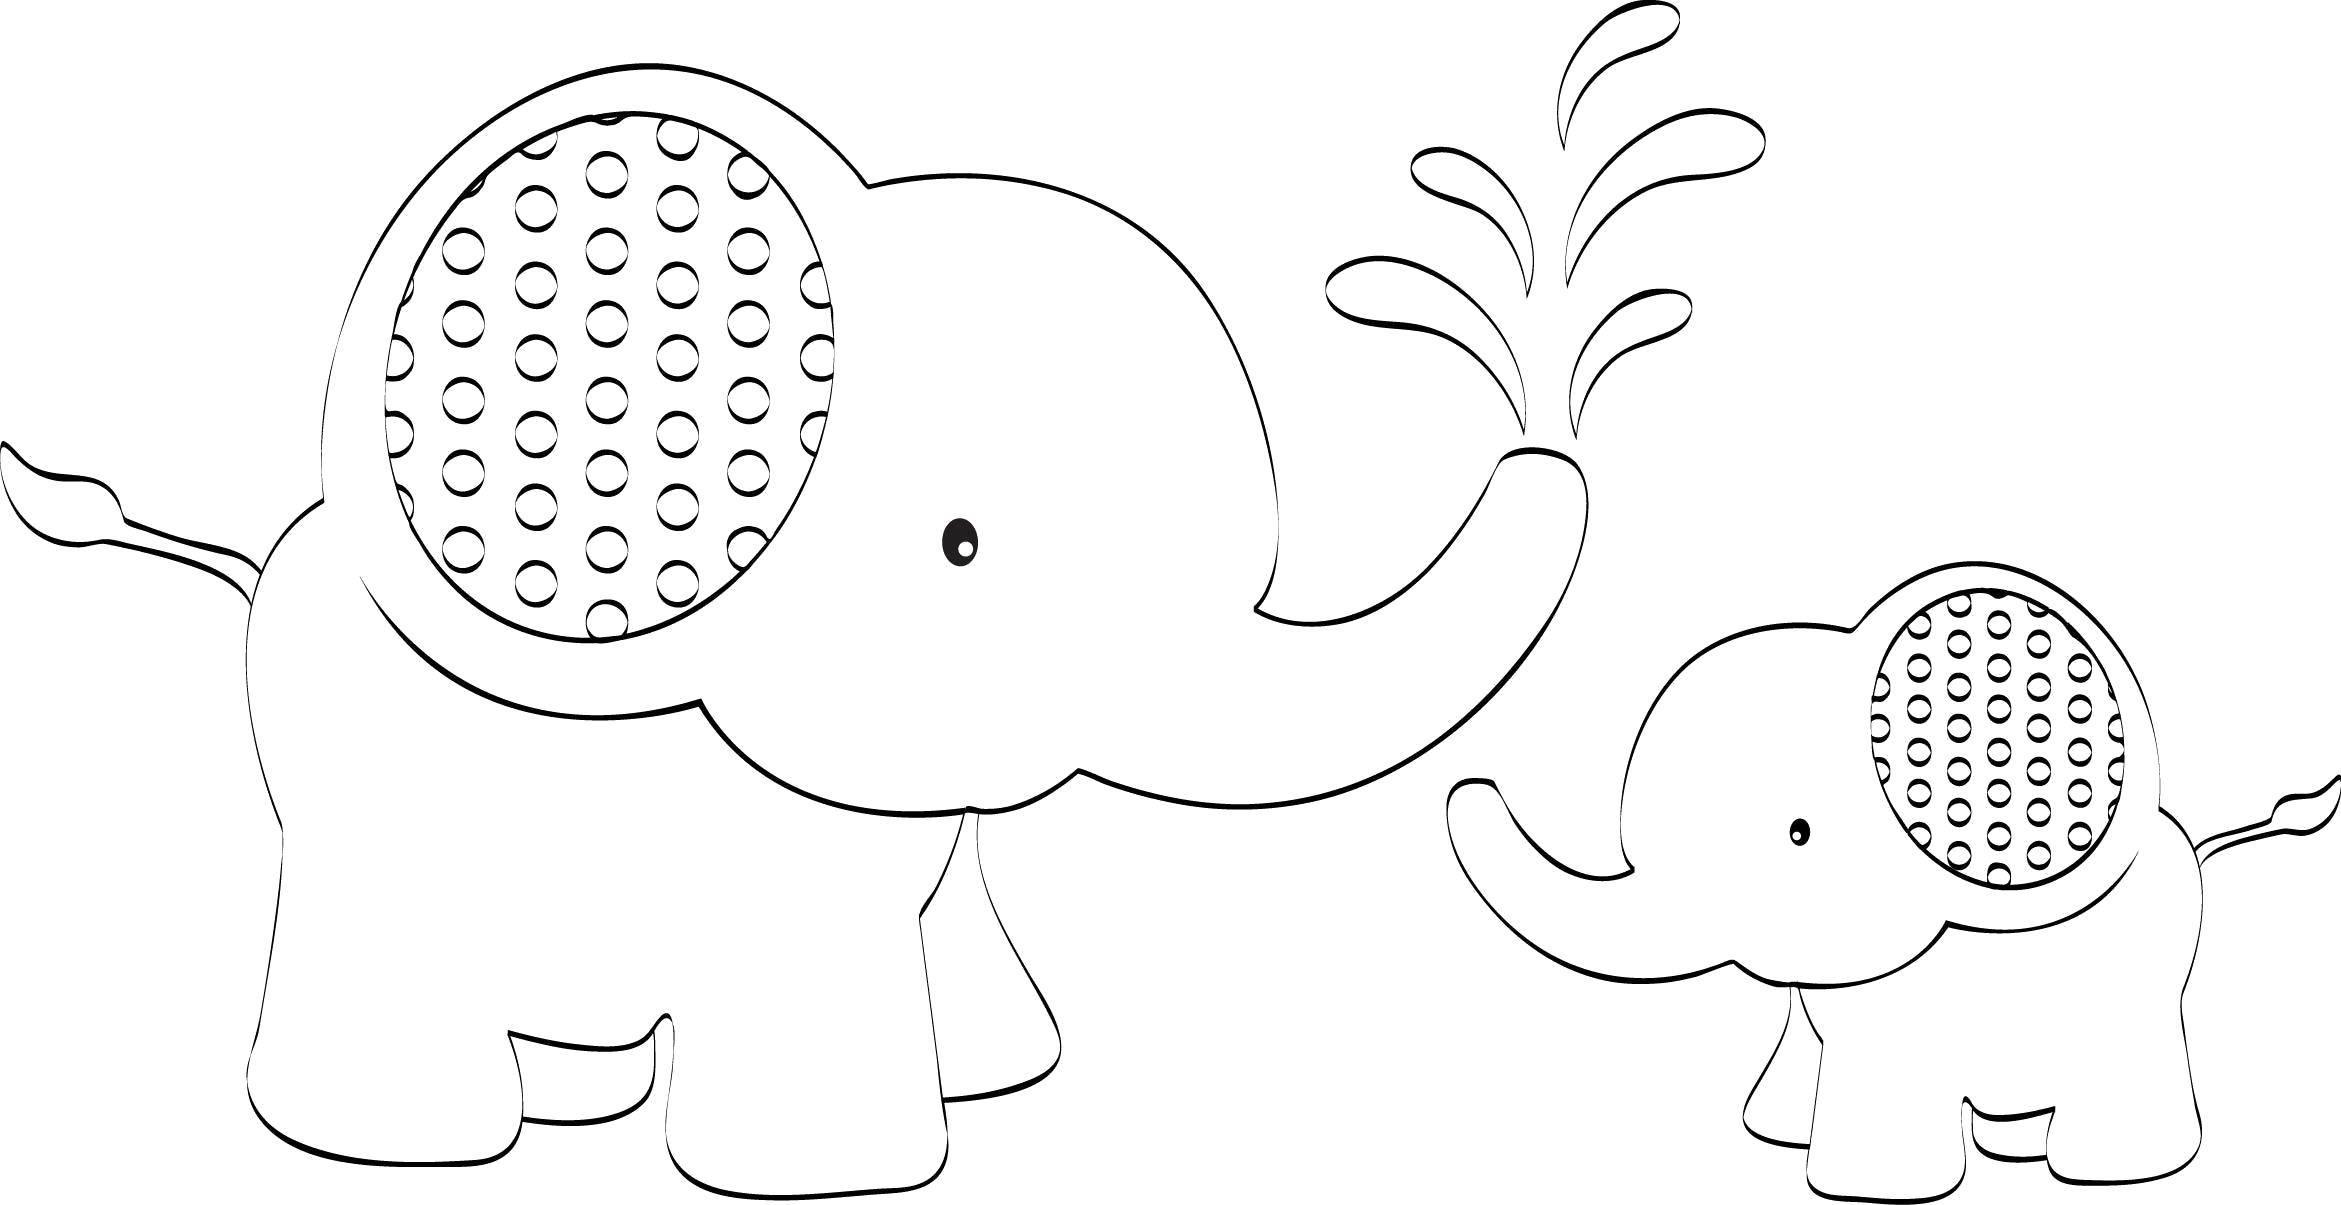 Раскраска Ушки в крапинку Скачать Антистресс.  Распечатать ,раскраски антистресс,